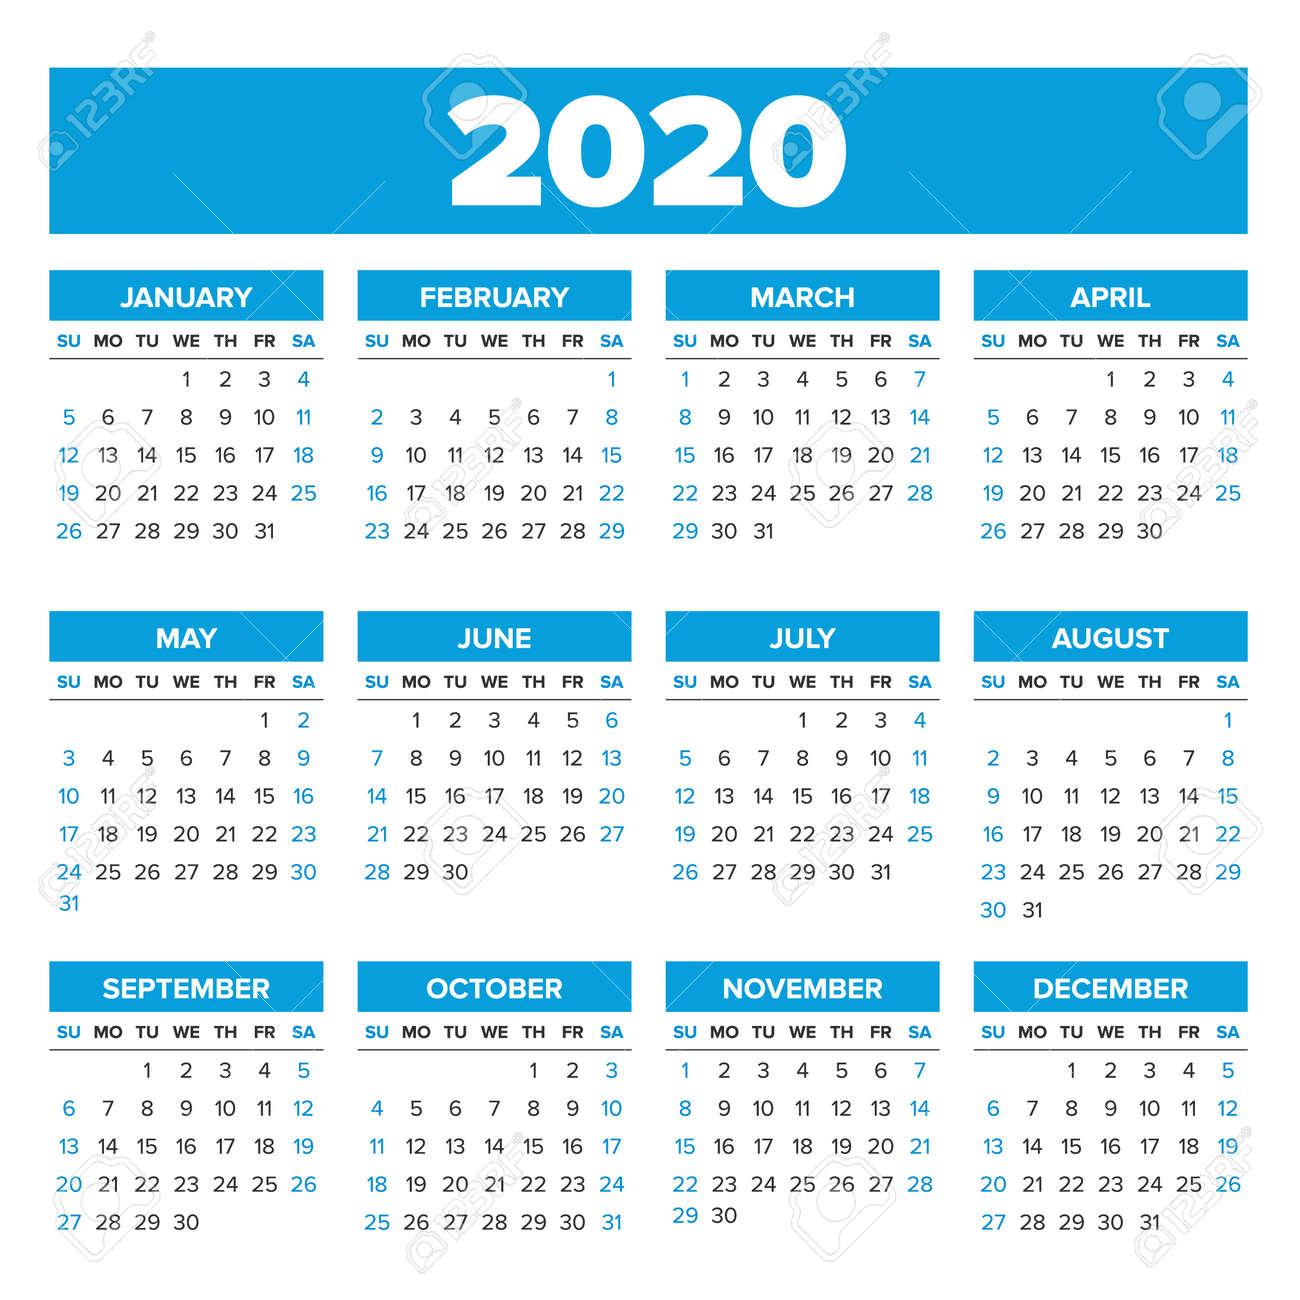 Calendario Por Semanas 2020.Sencillo 2020 Ano Calendario La Semana Comienza El Domingo